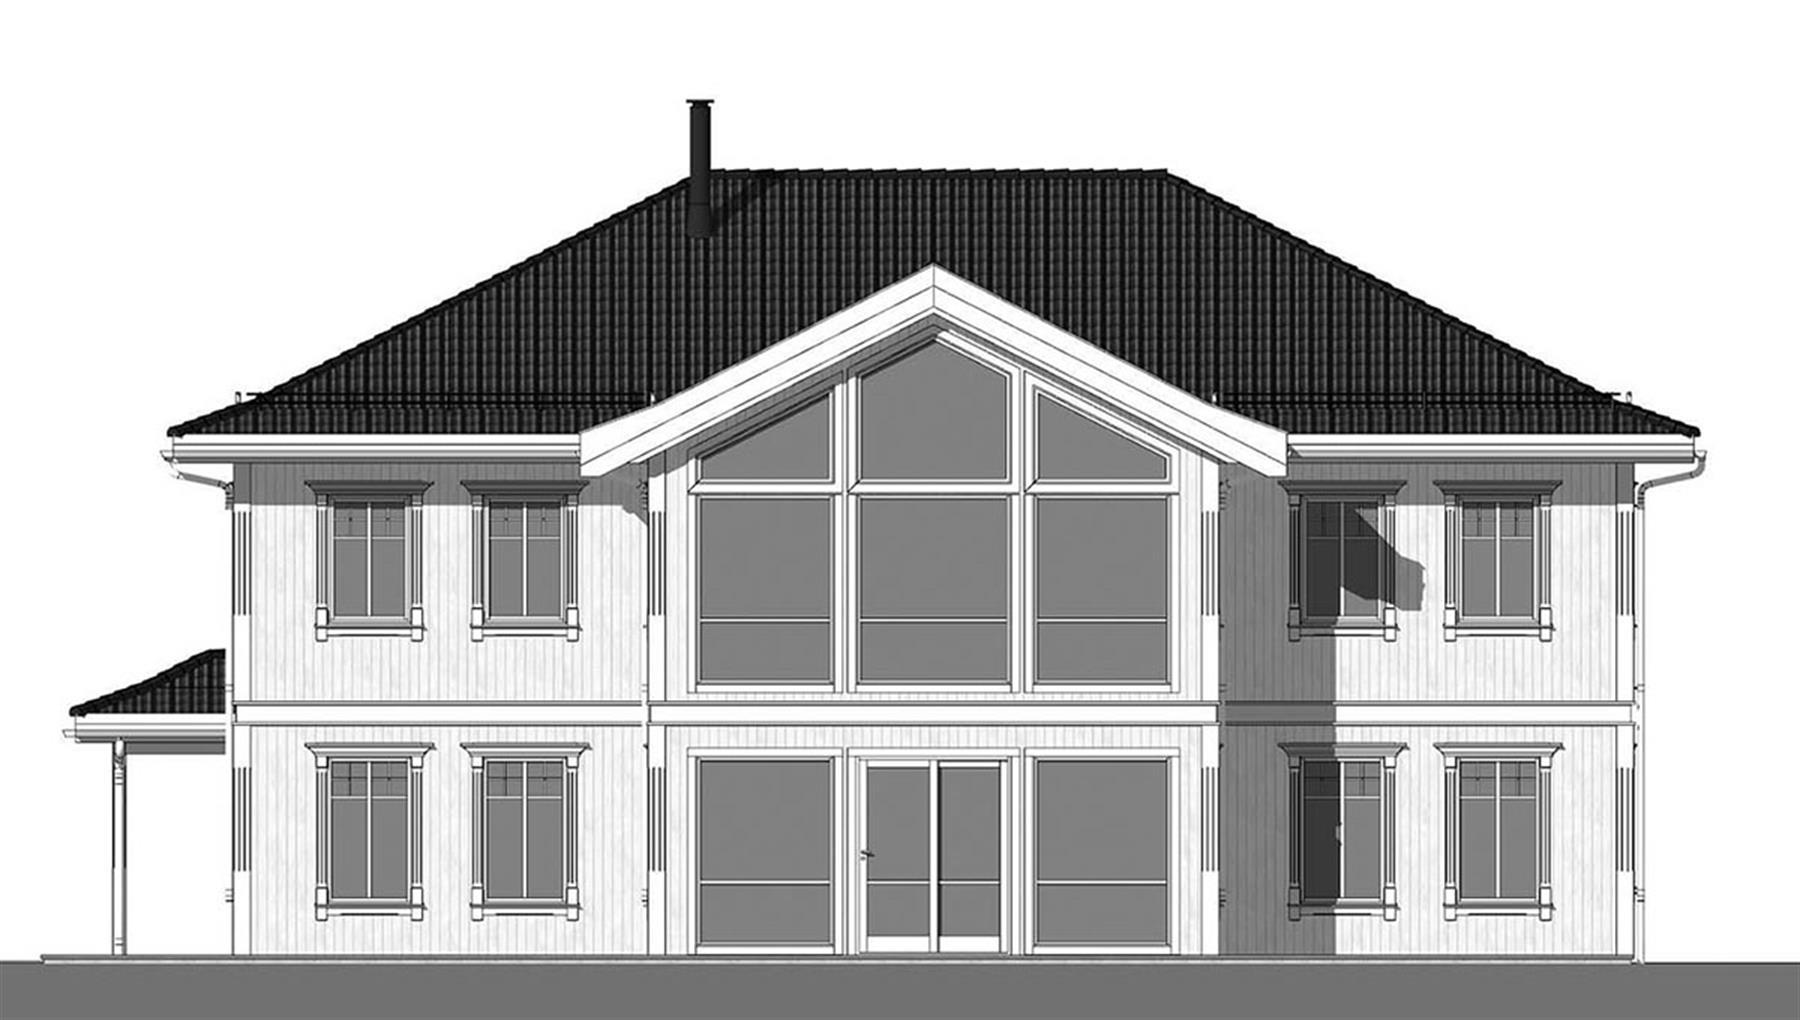 Tanafjord fasade 1